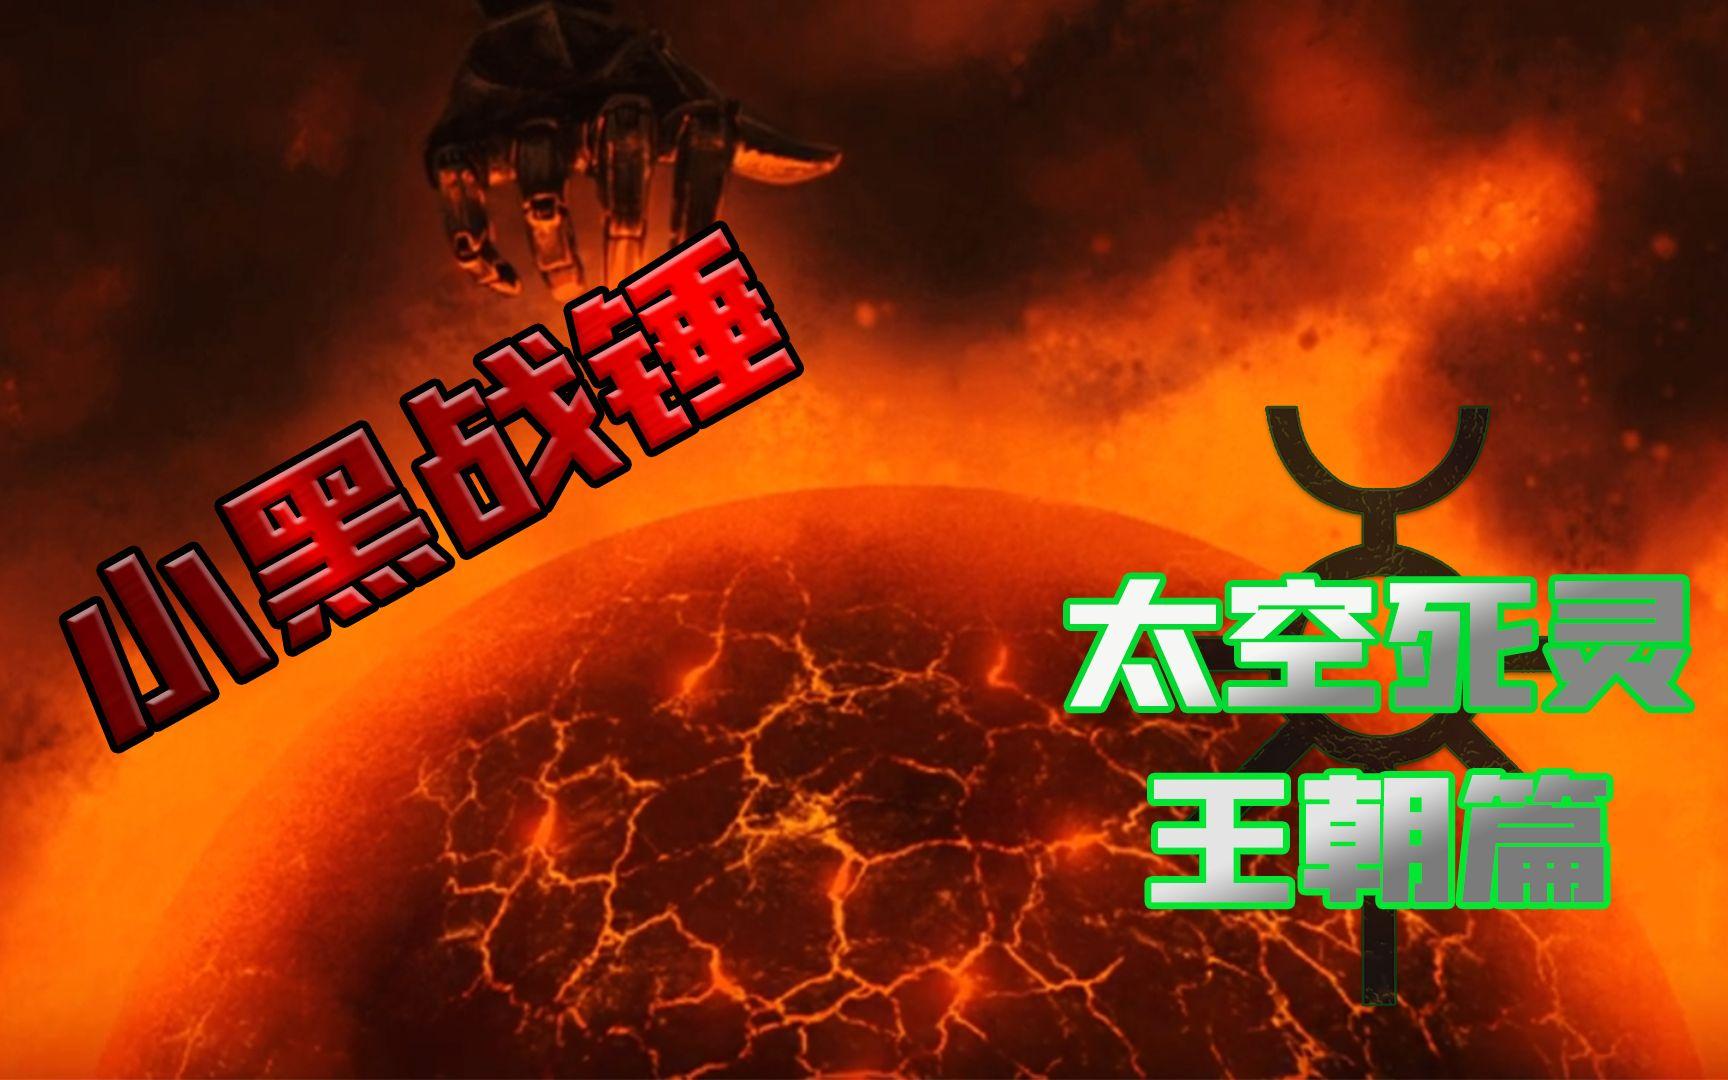 【小黑战锤】单手掐灭太阳?抬手引爆恒星?银河中的死灵霸业 太空死灵 王朝篇 第17期